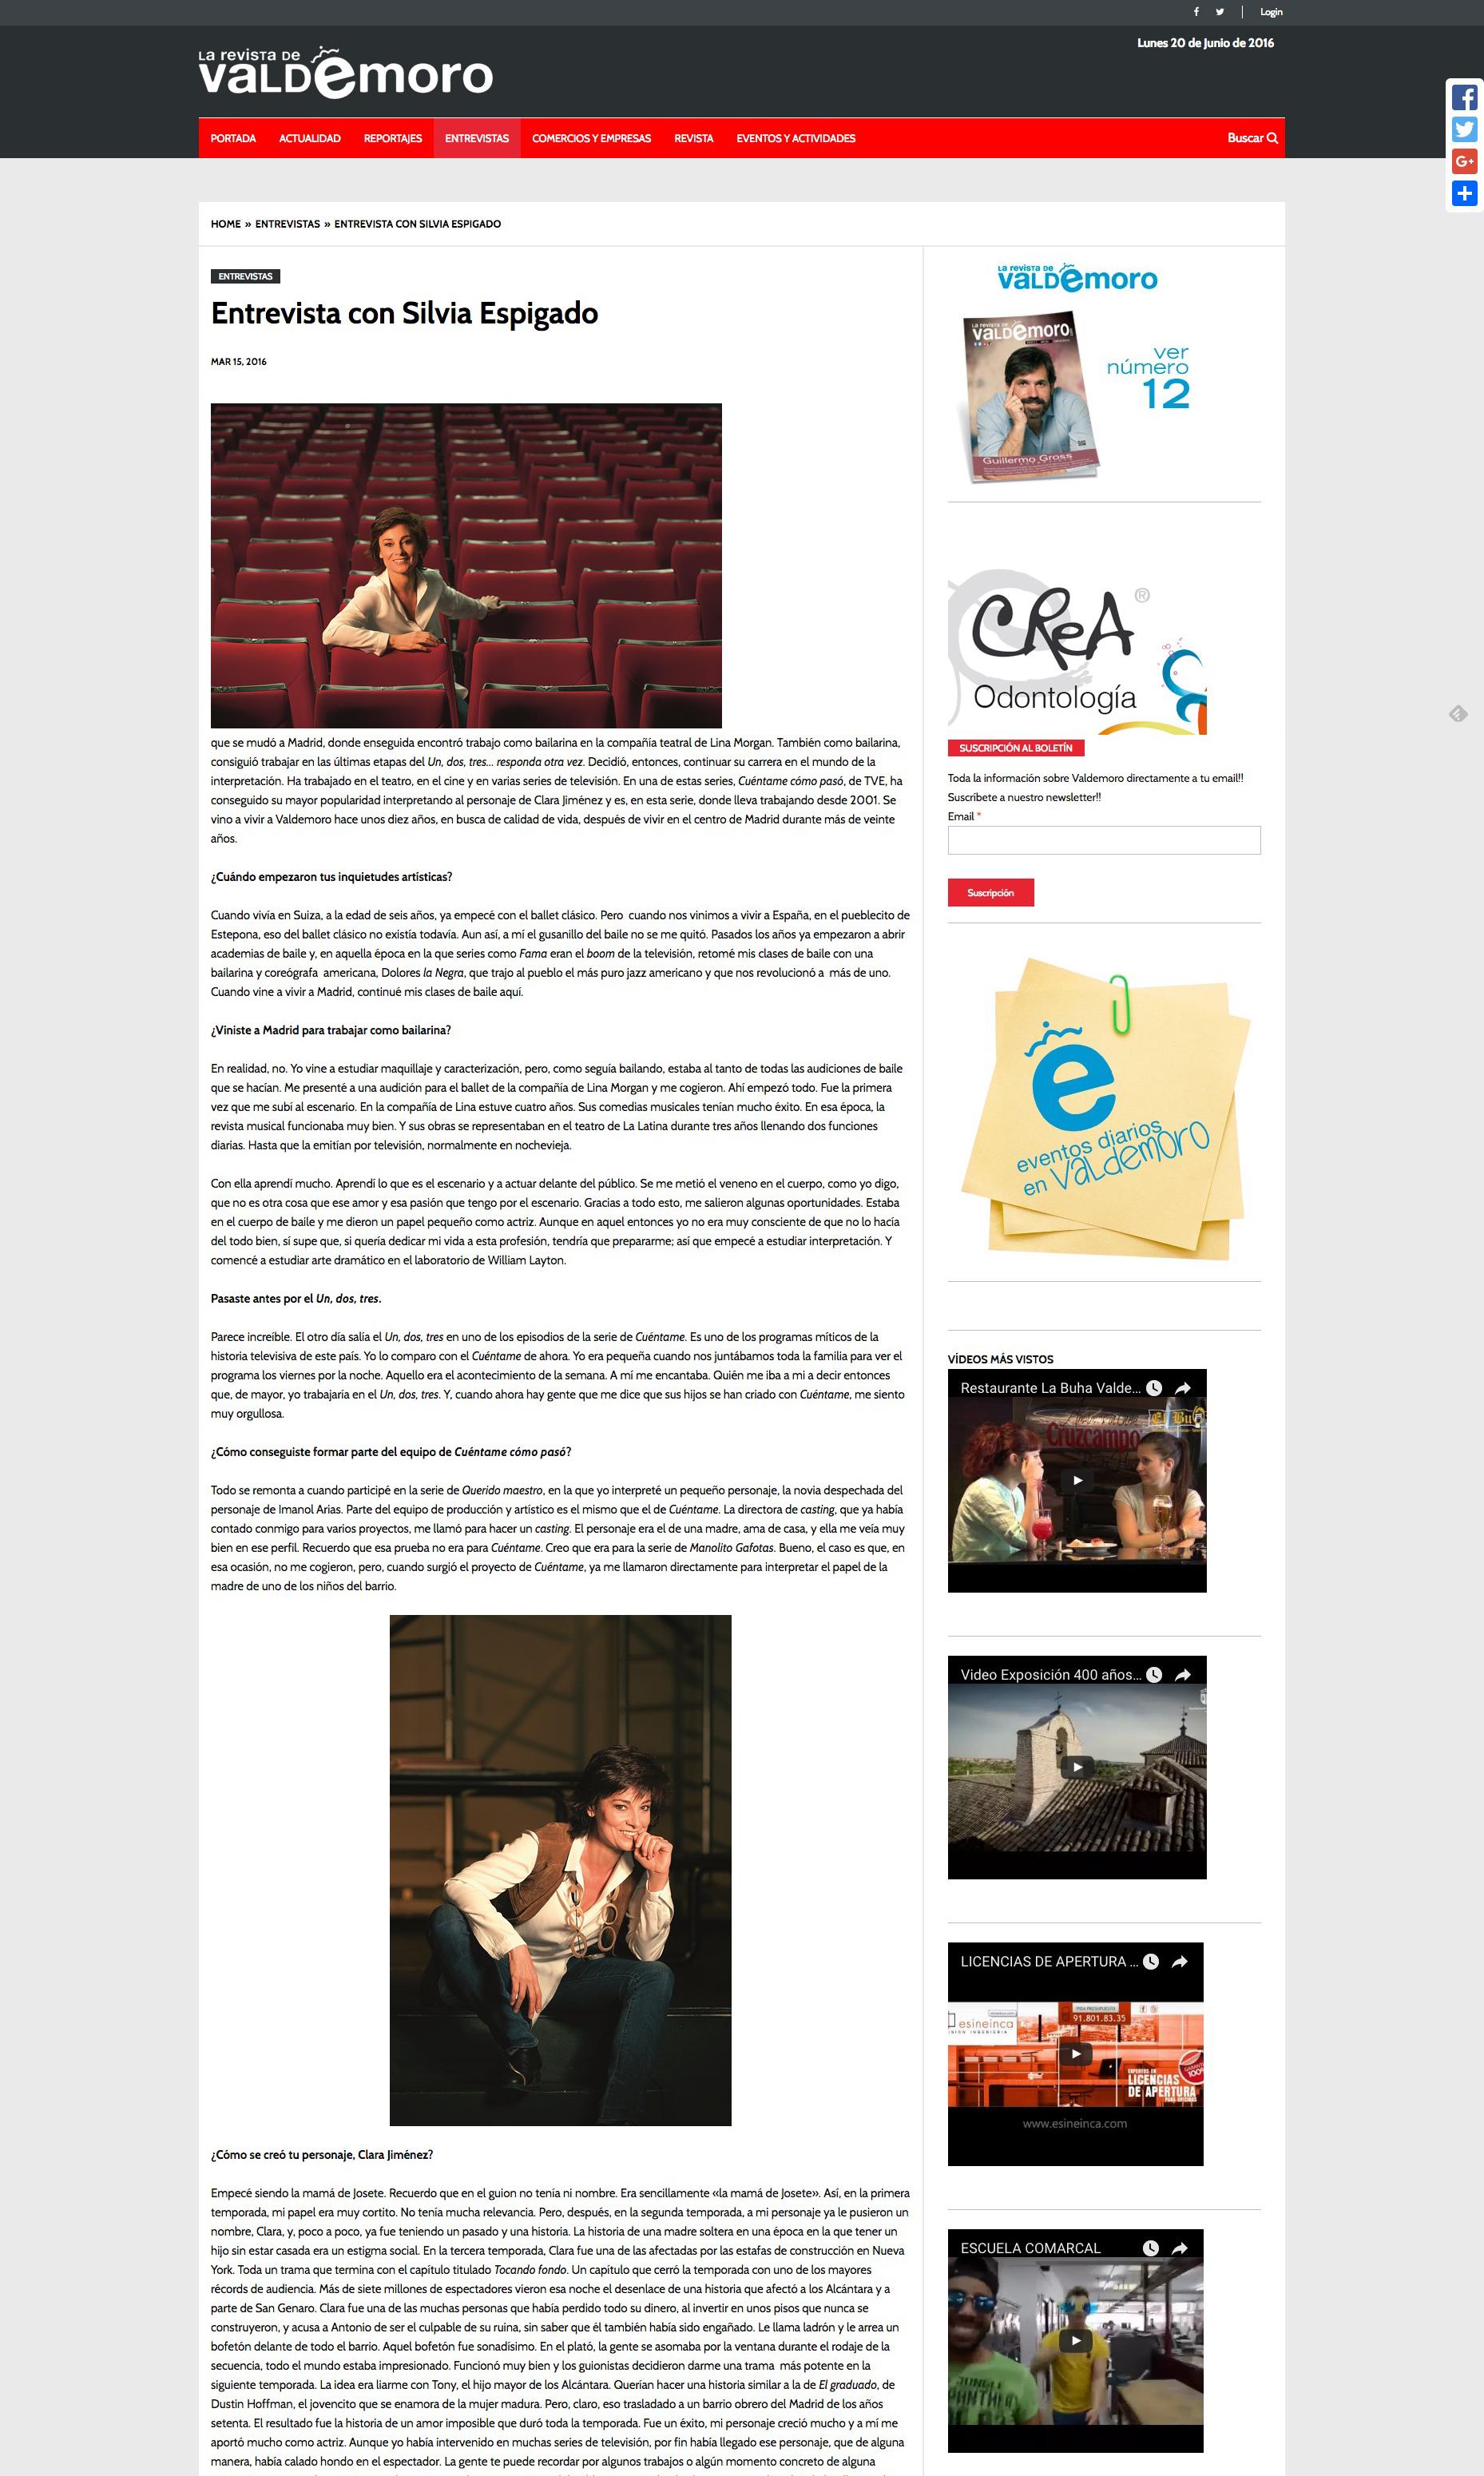 La Revista de Valdemoro, entrevista con Silvia Espigado